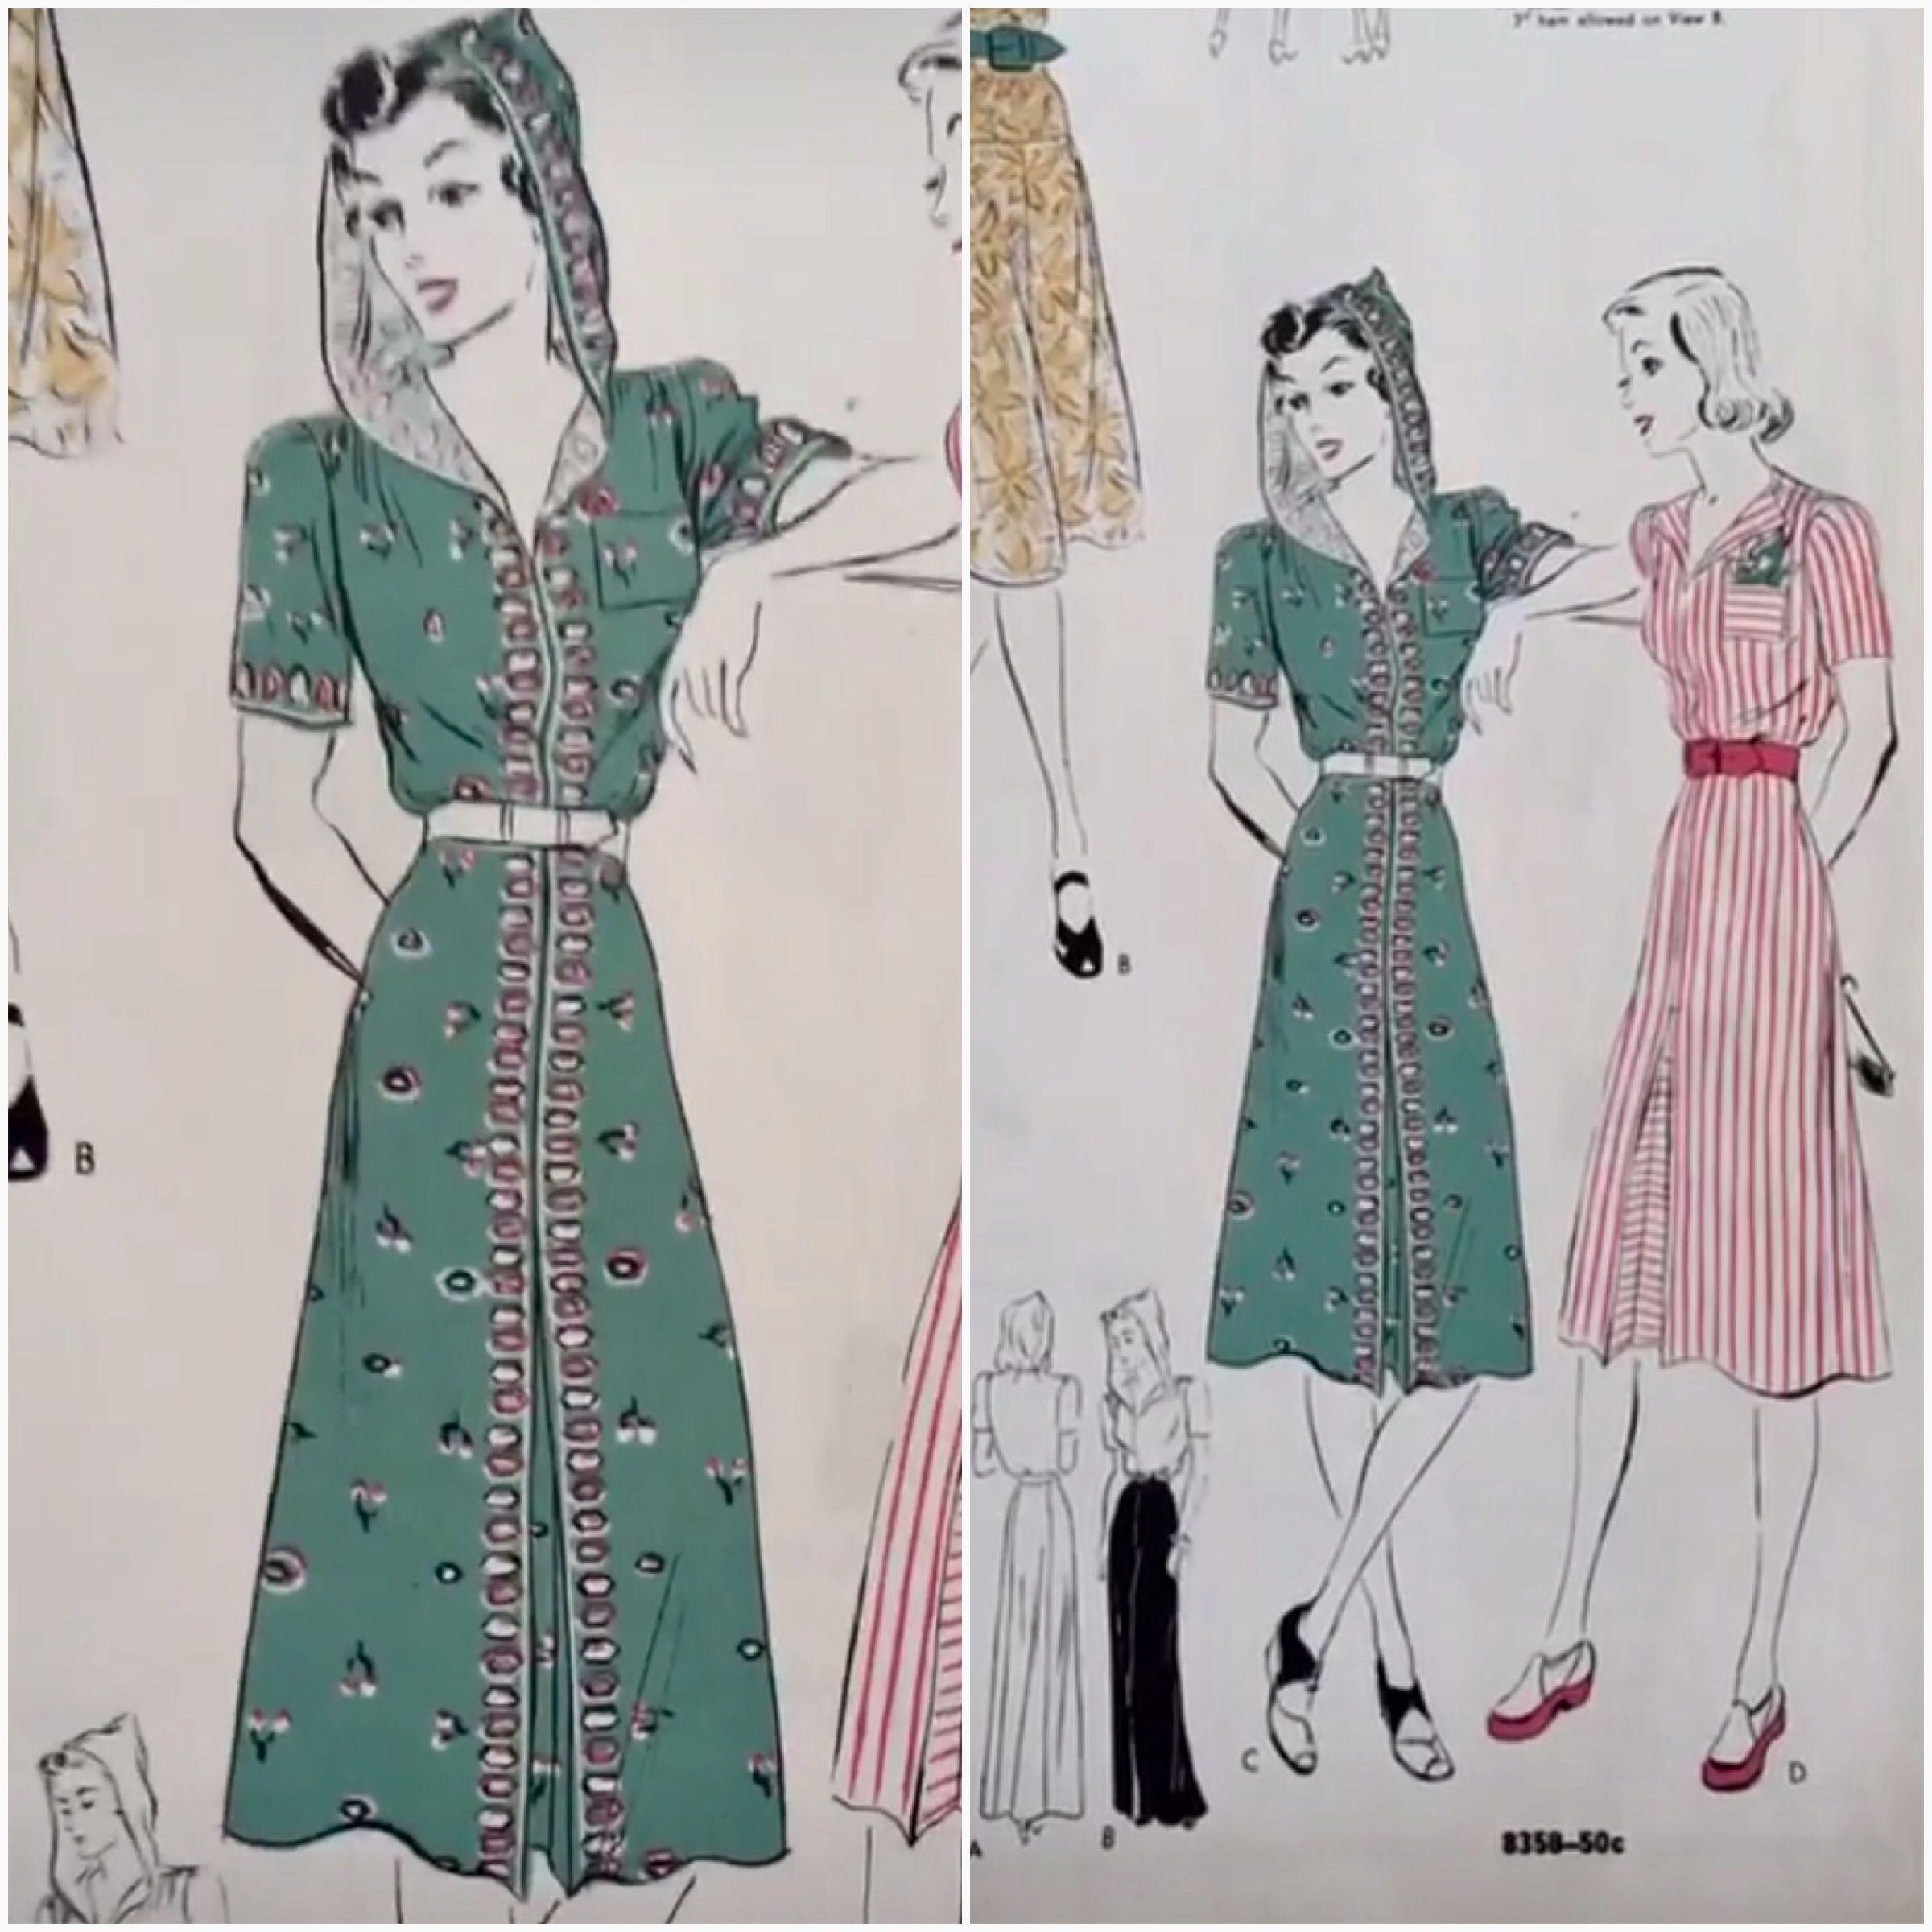 Hooded Dress Vogue Patterns Catalogue September 1939 Vintage Fashion 1930s 1940s Vintage Fashion 1930s 1940s Dresses Vogue Dress